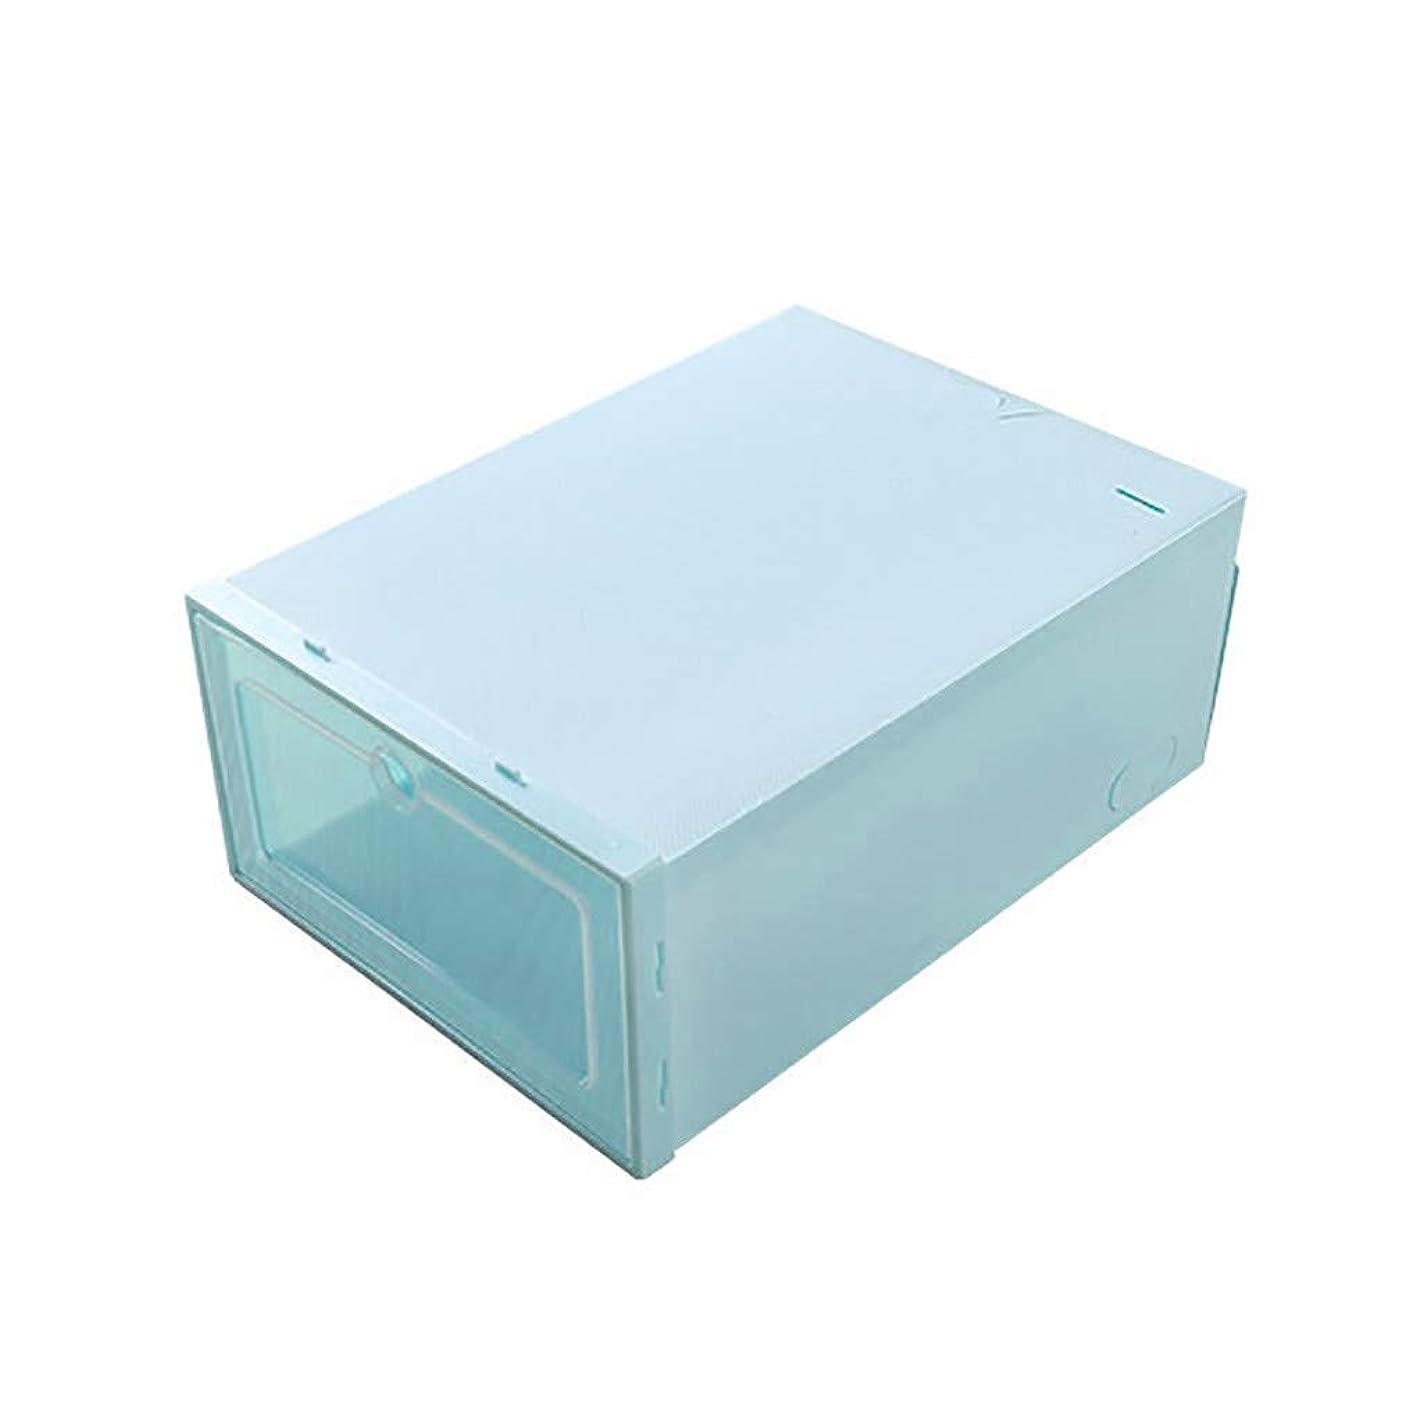 有力者絡まる援助するLayayyii 収納ボックス 超大容量 収納ケース シューズボックス 靴棚 引き出し式 組立て式 小物 文房具 化粧品 クロゼット 玄関 3セット (ブルー)